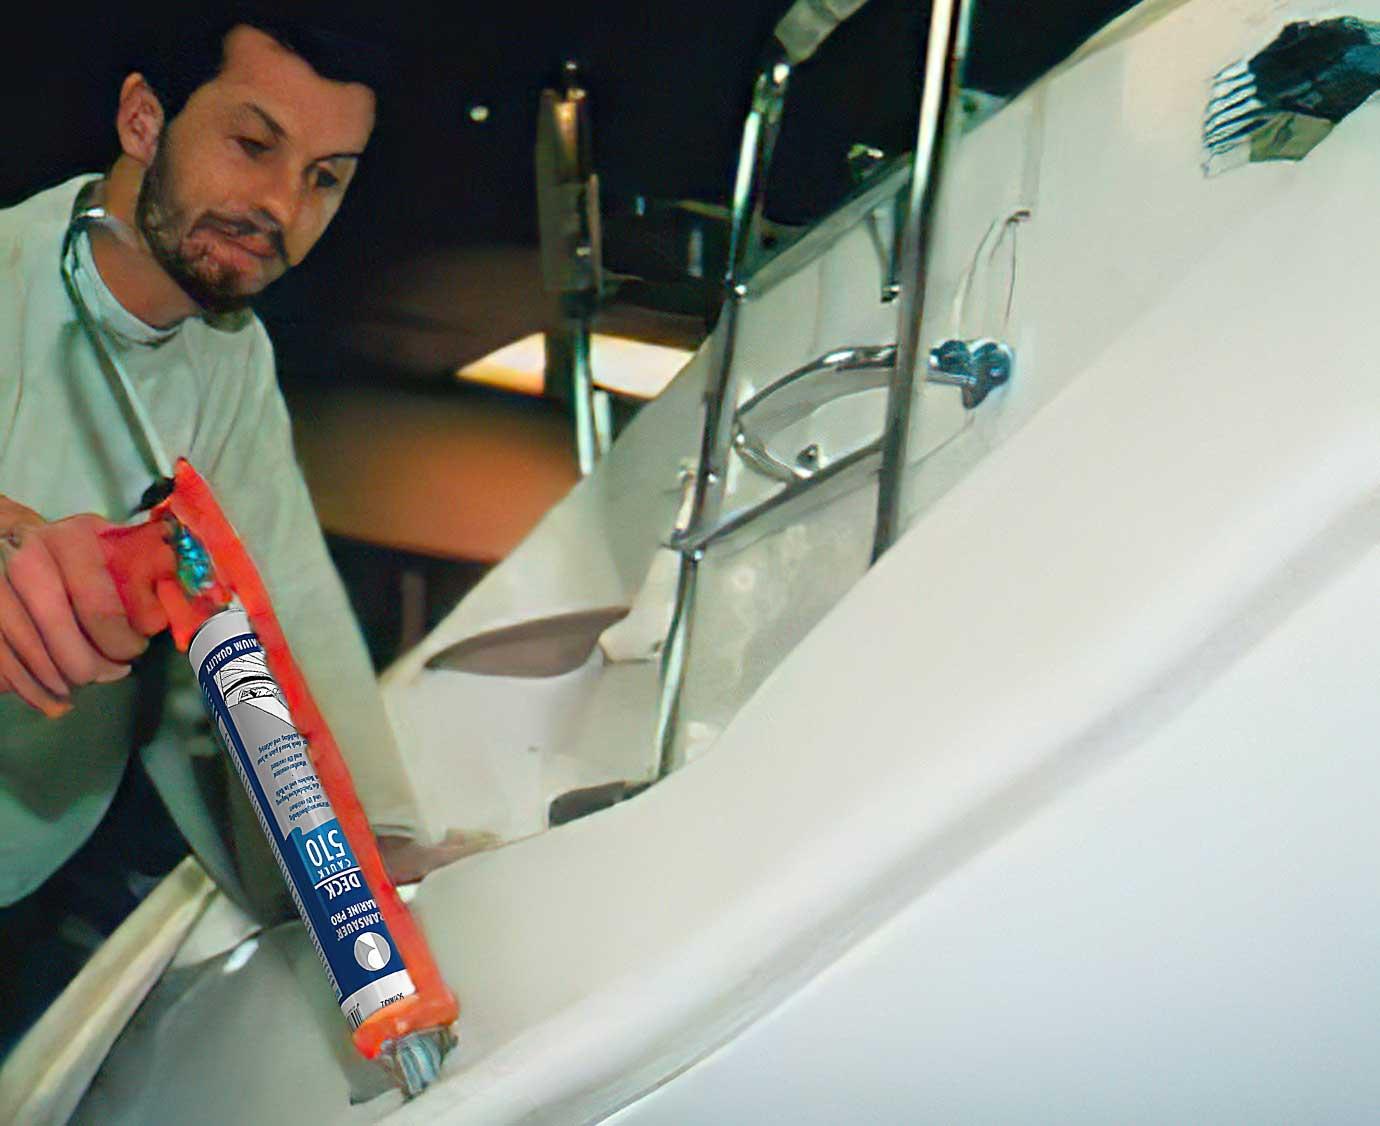 Лучшая серия герметиков для морского уплотнения